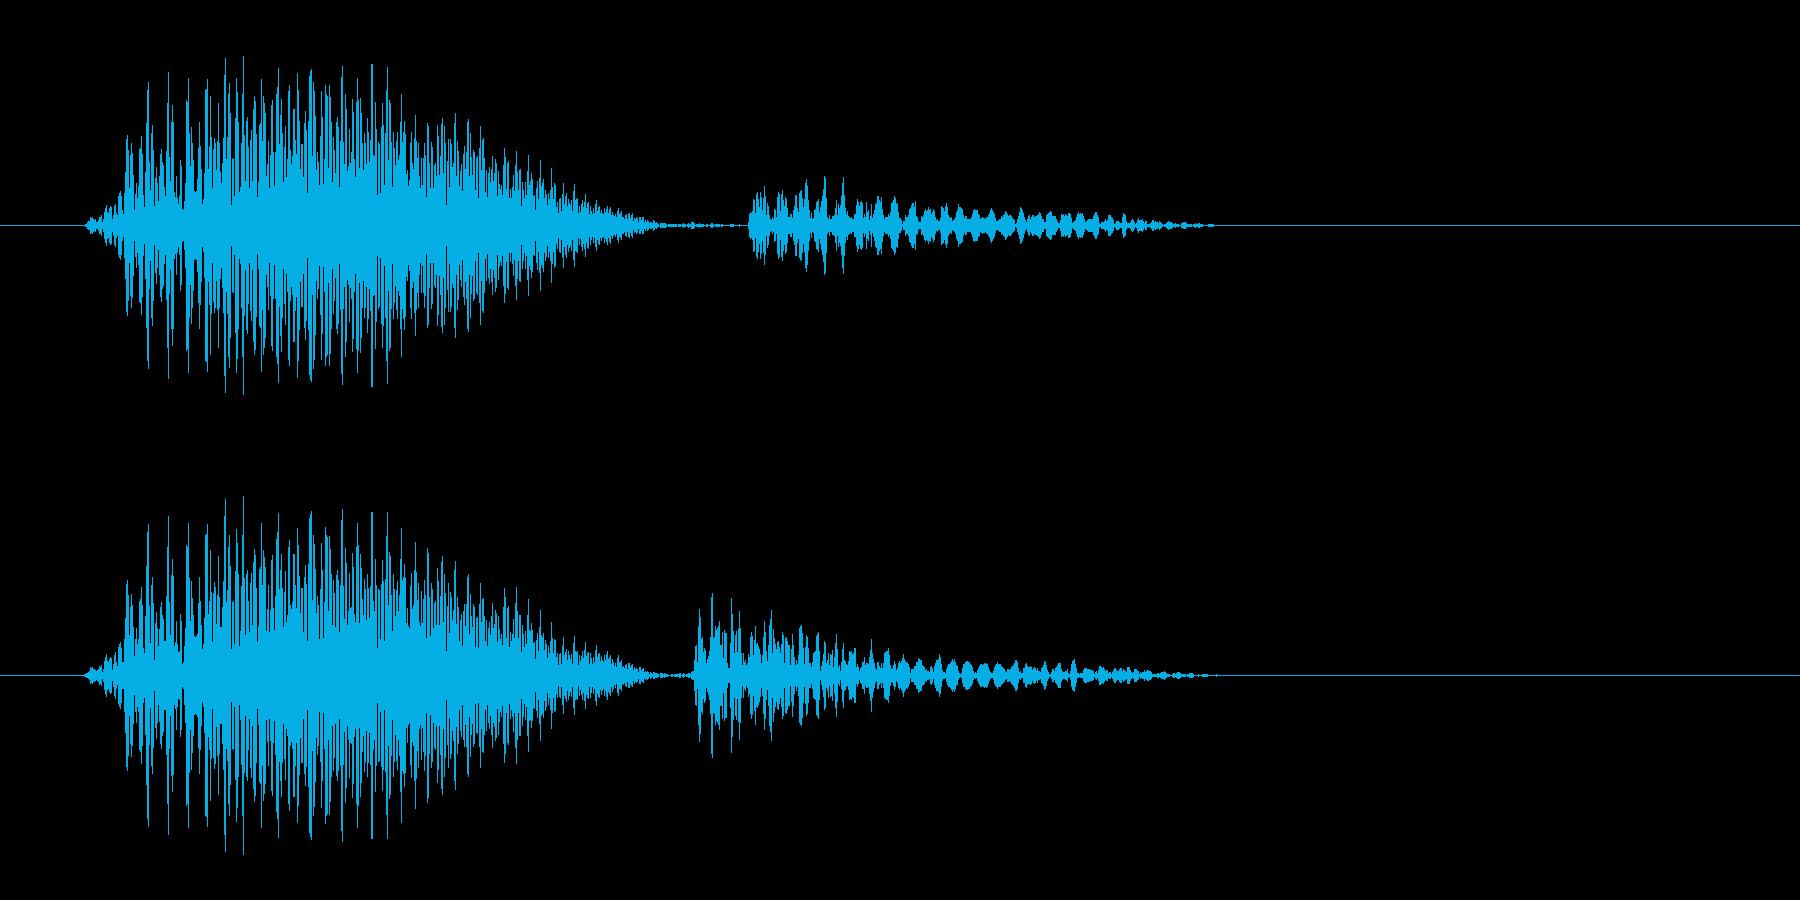 空気が抜けたような音の再生済みの波形